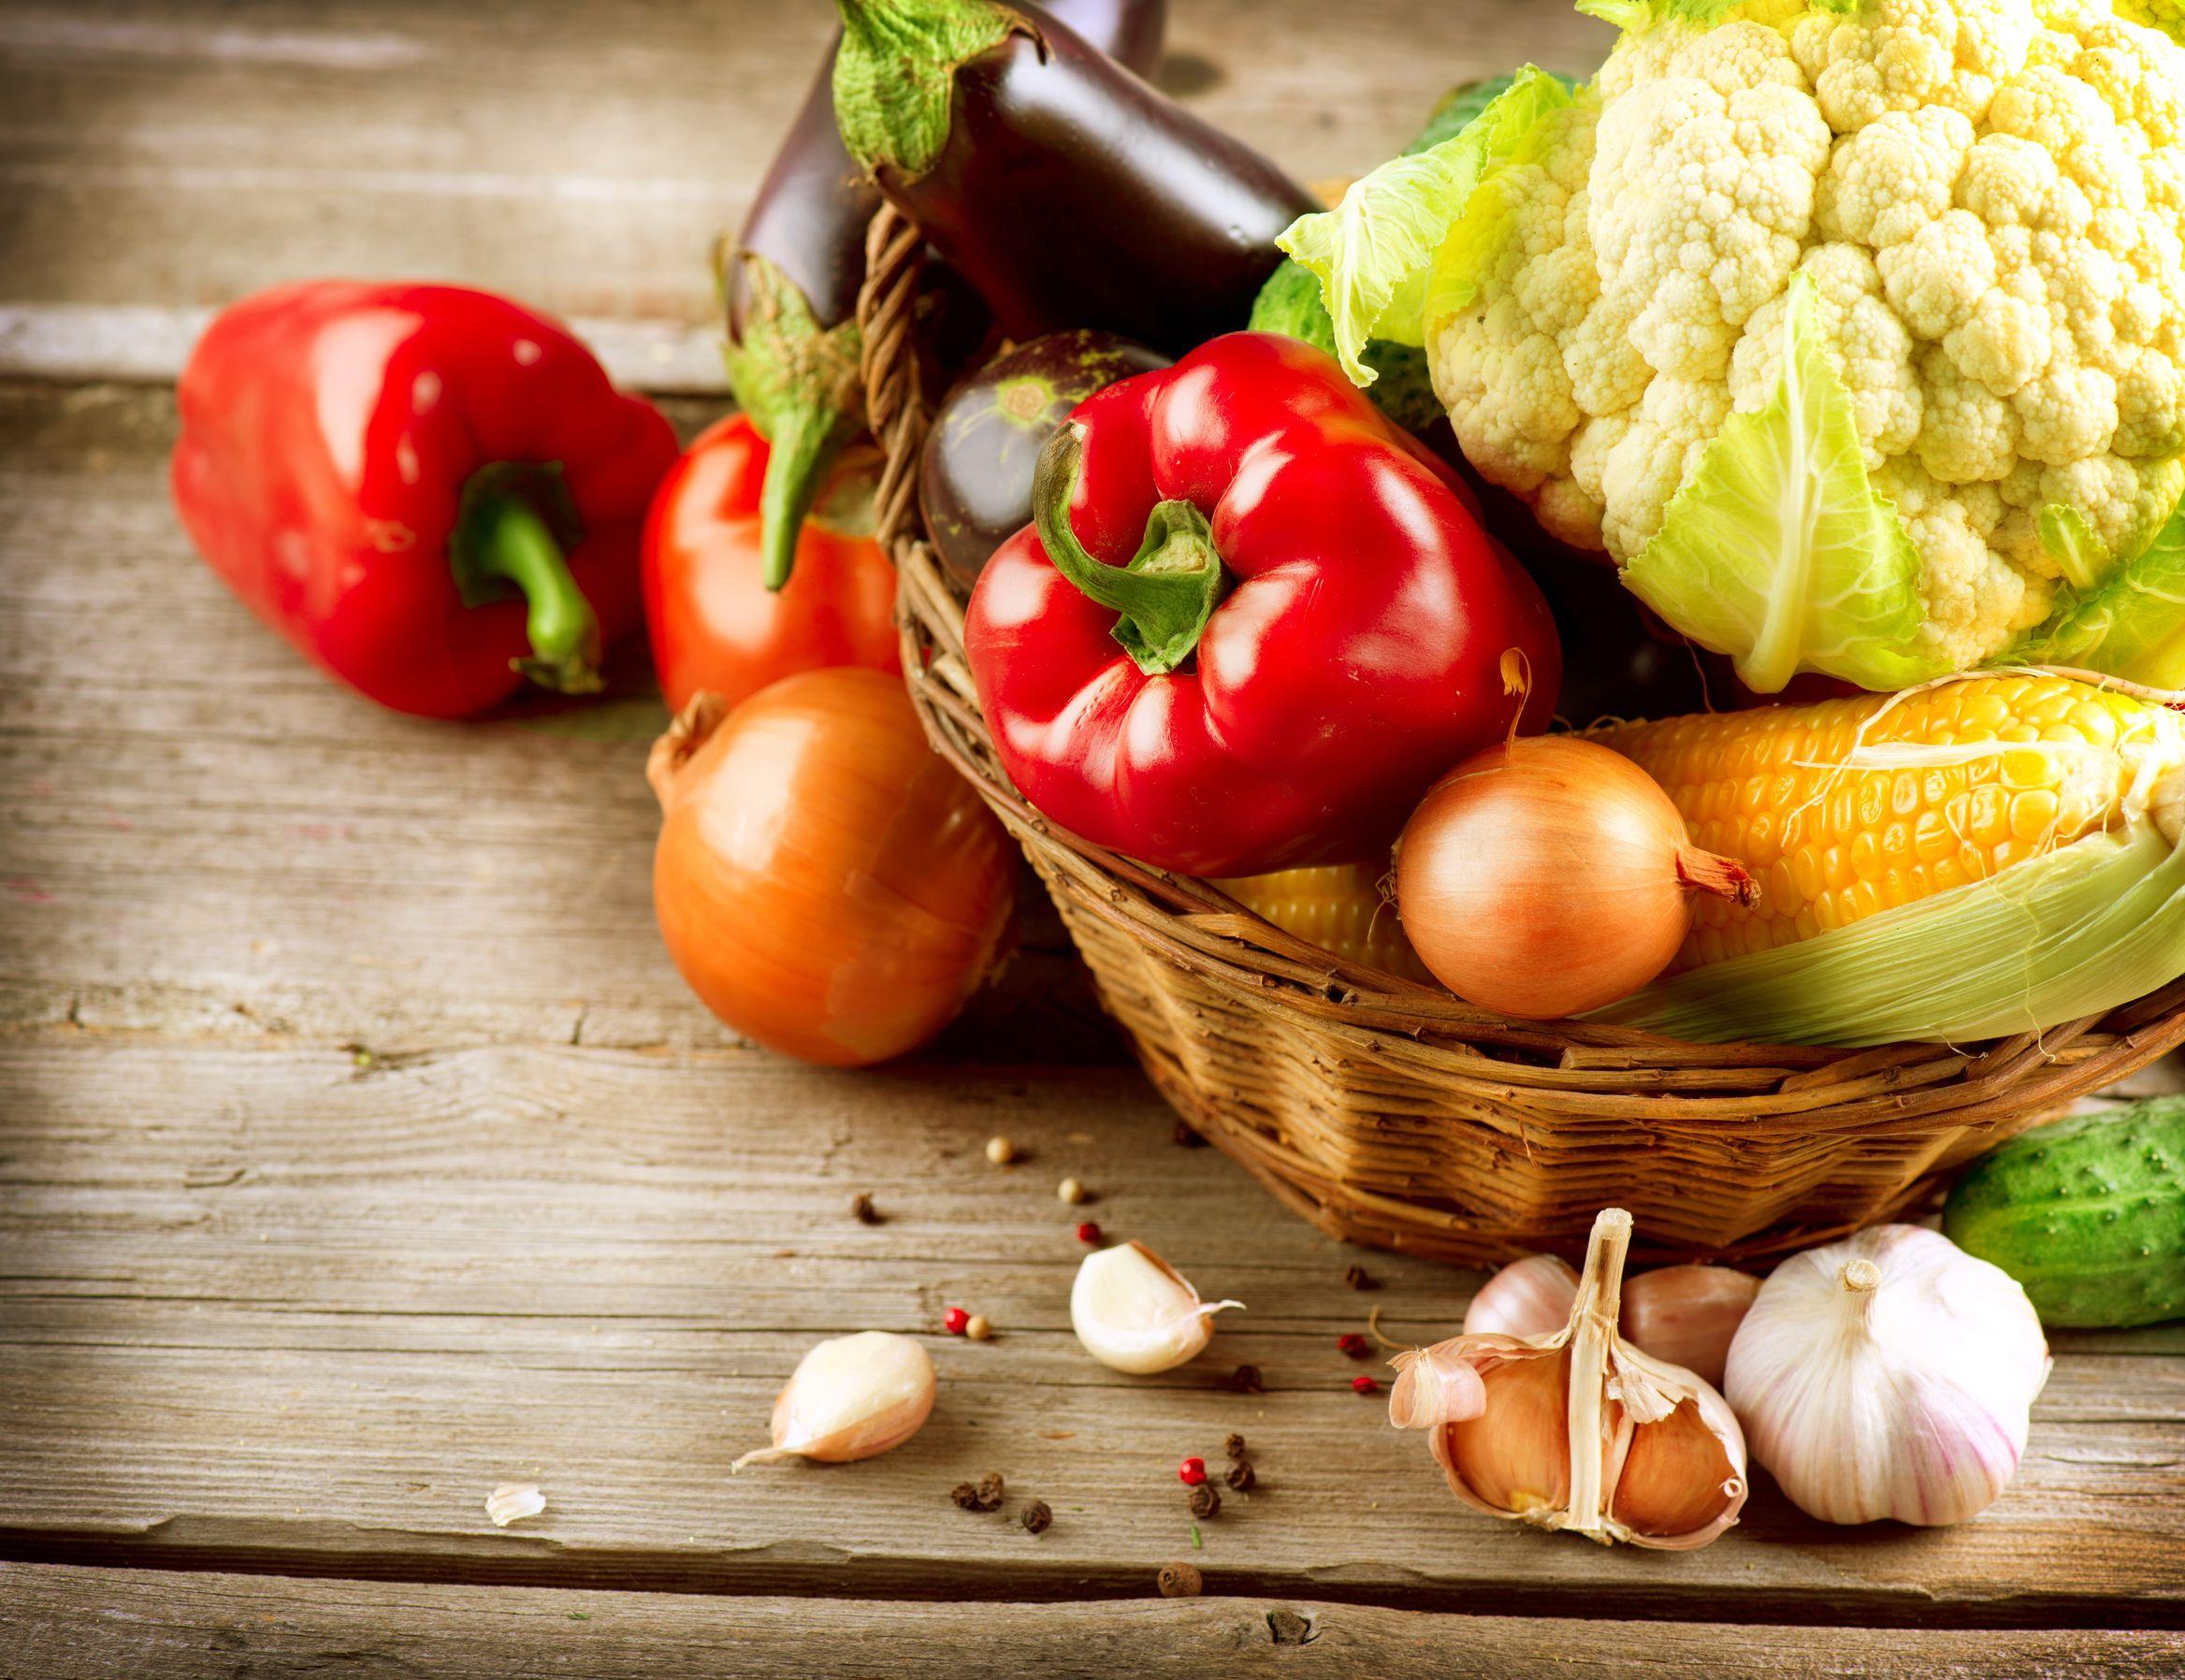 fibras legumes